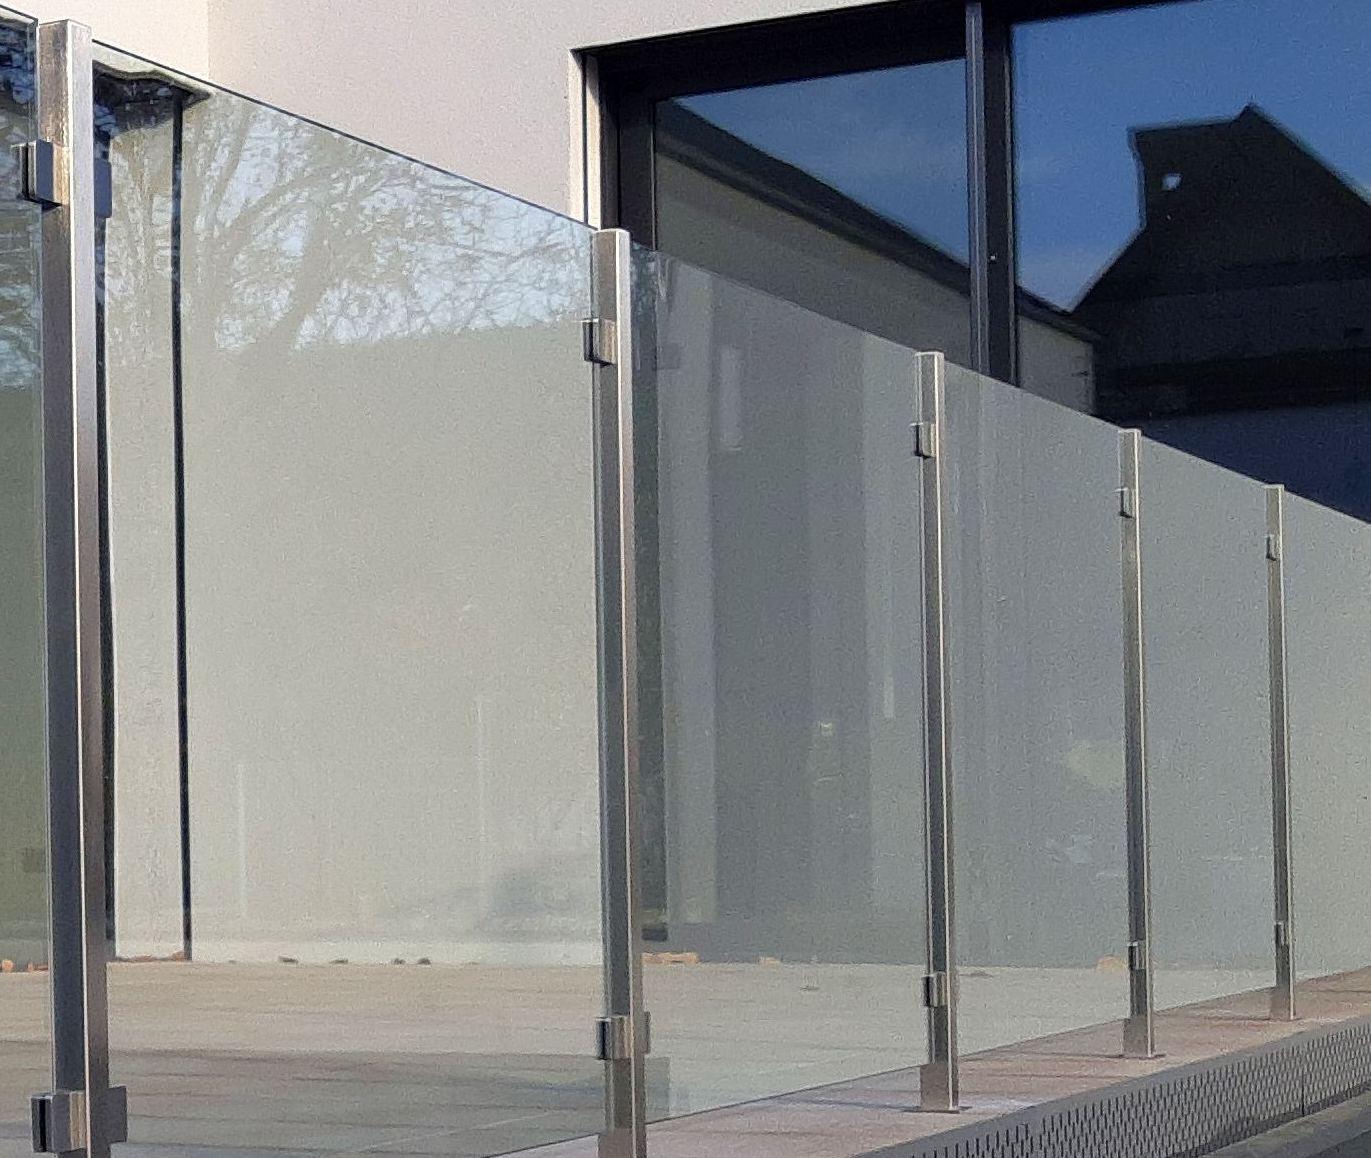 Upevnění skla pomocí bodového kování